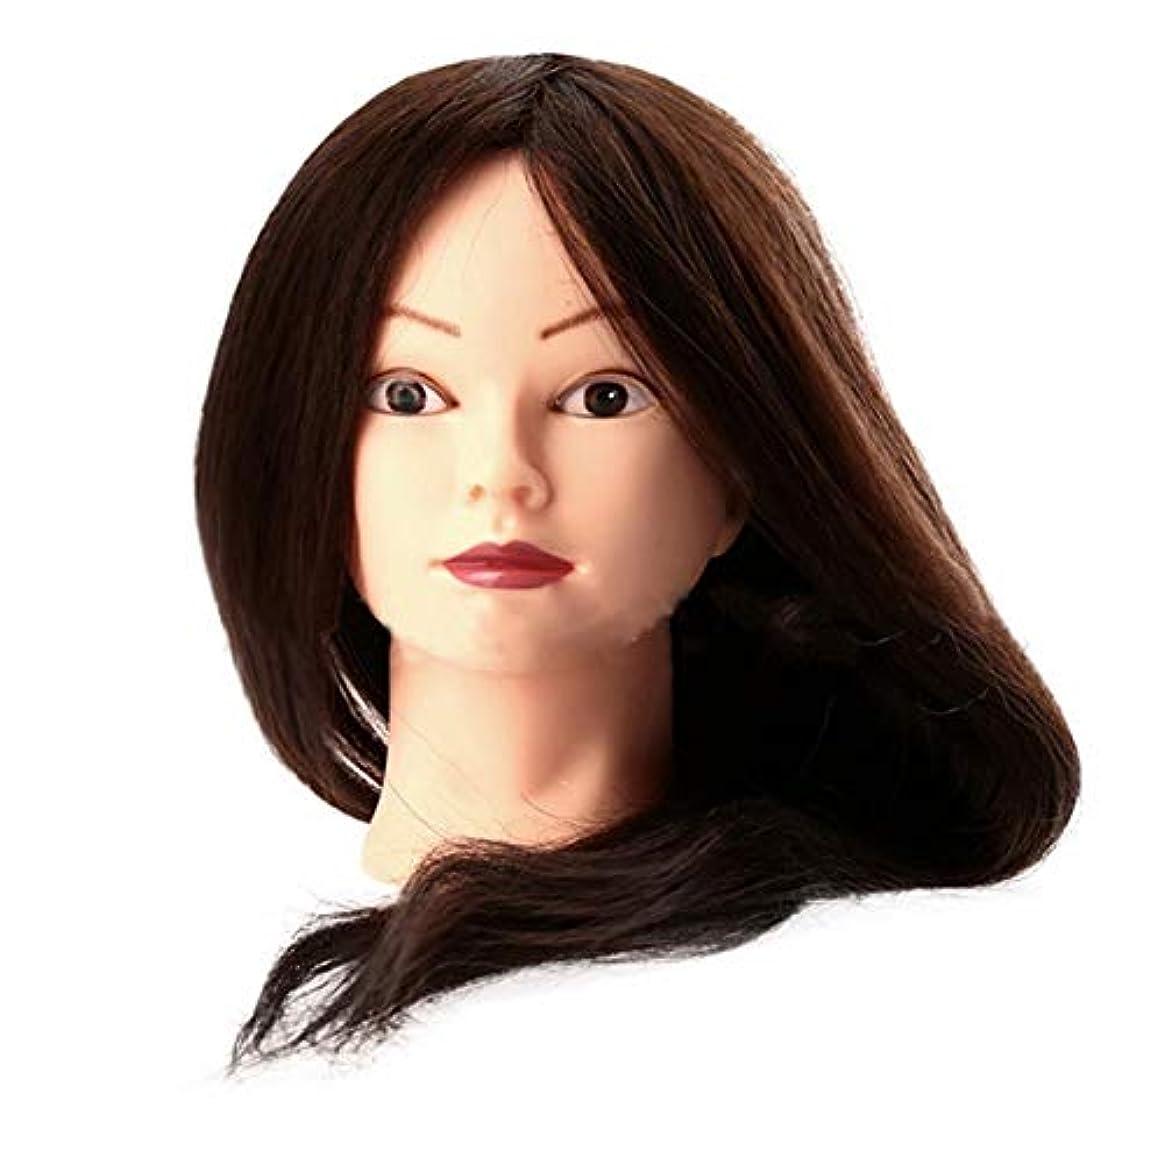 ツイン敷居上げるヘアマネキンヘッド練習ディスク髪編組ヘッドモデル理髪店学校教育かつらヘッドバンドブラケット